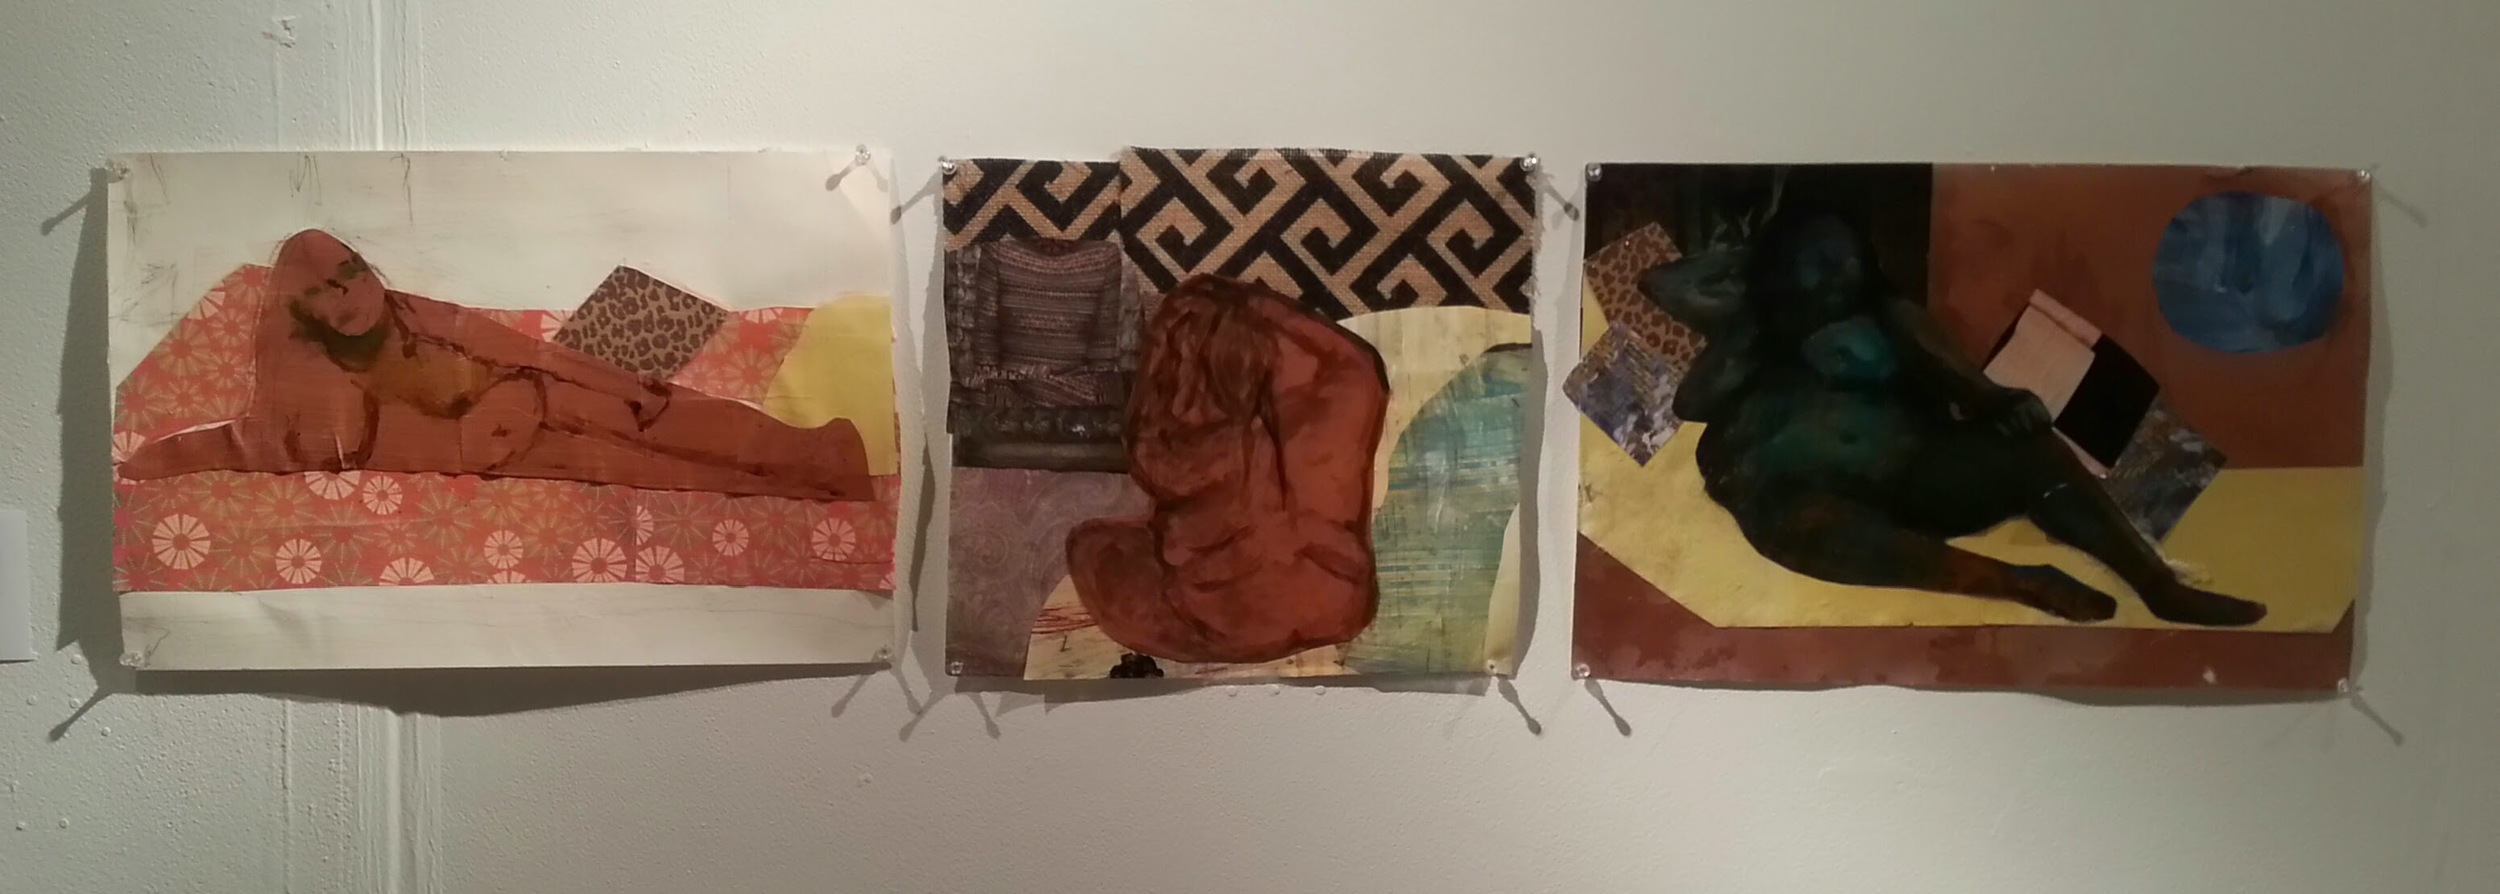 Percolate (triptych), 2015